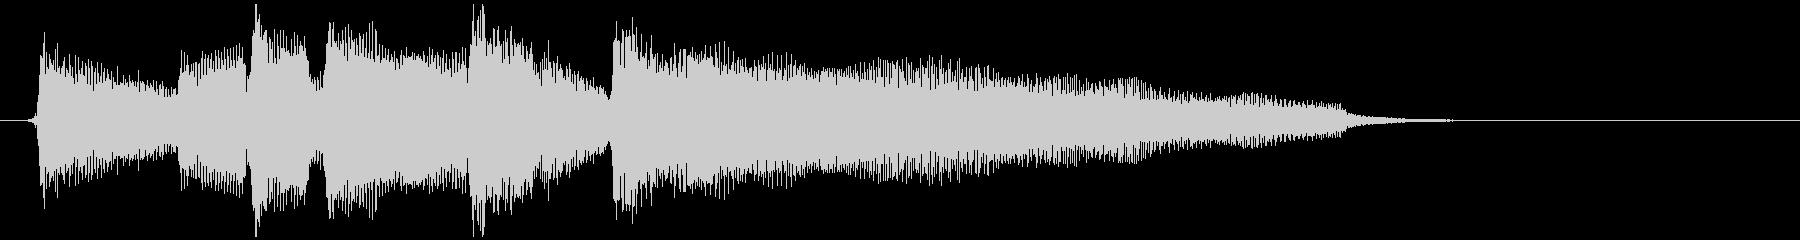 洒落たアンニュイ系サックスのサウンドロゴの未再生の波形